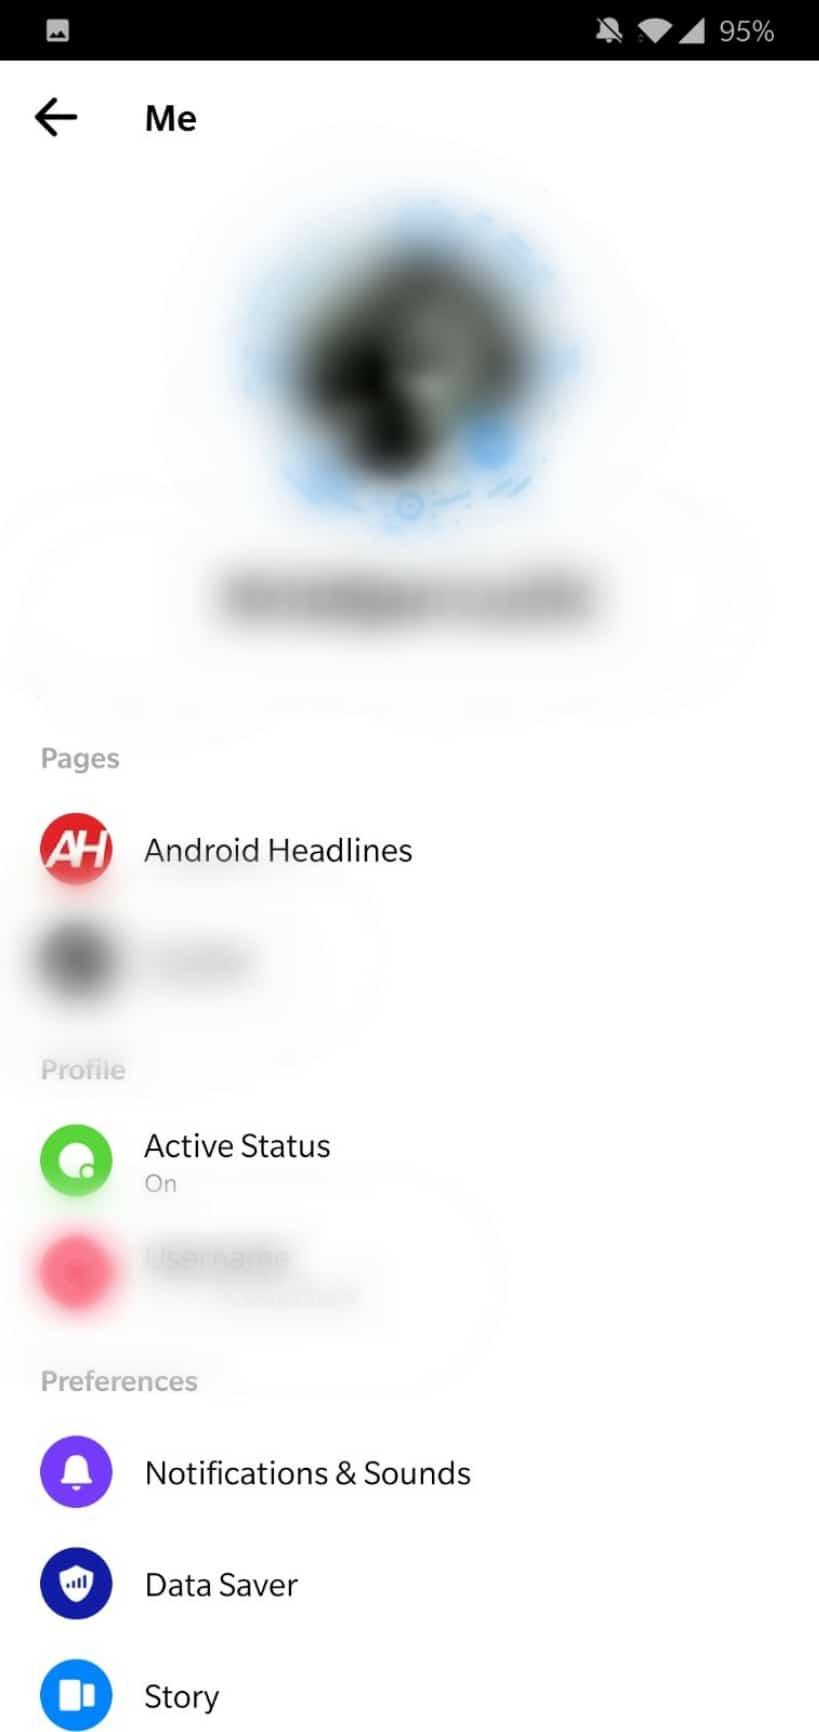 Facebook Messenger v4 redesign 2